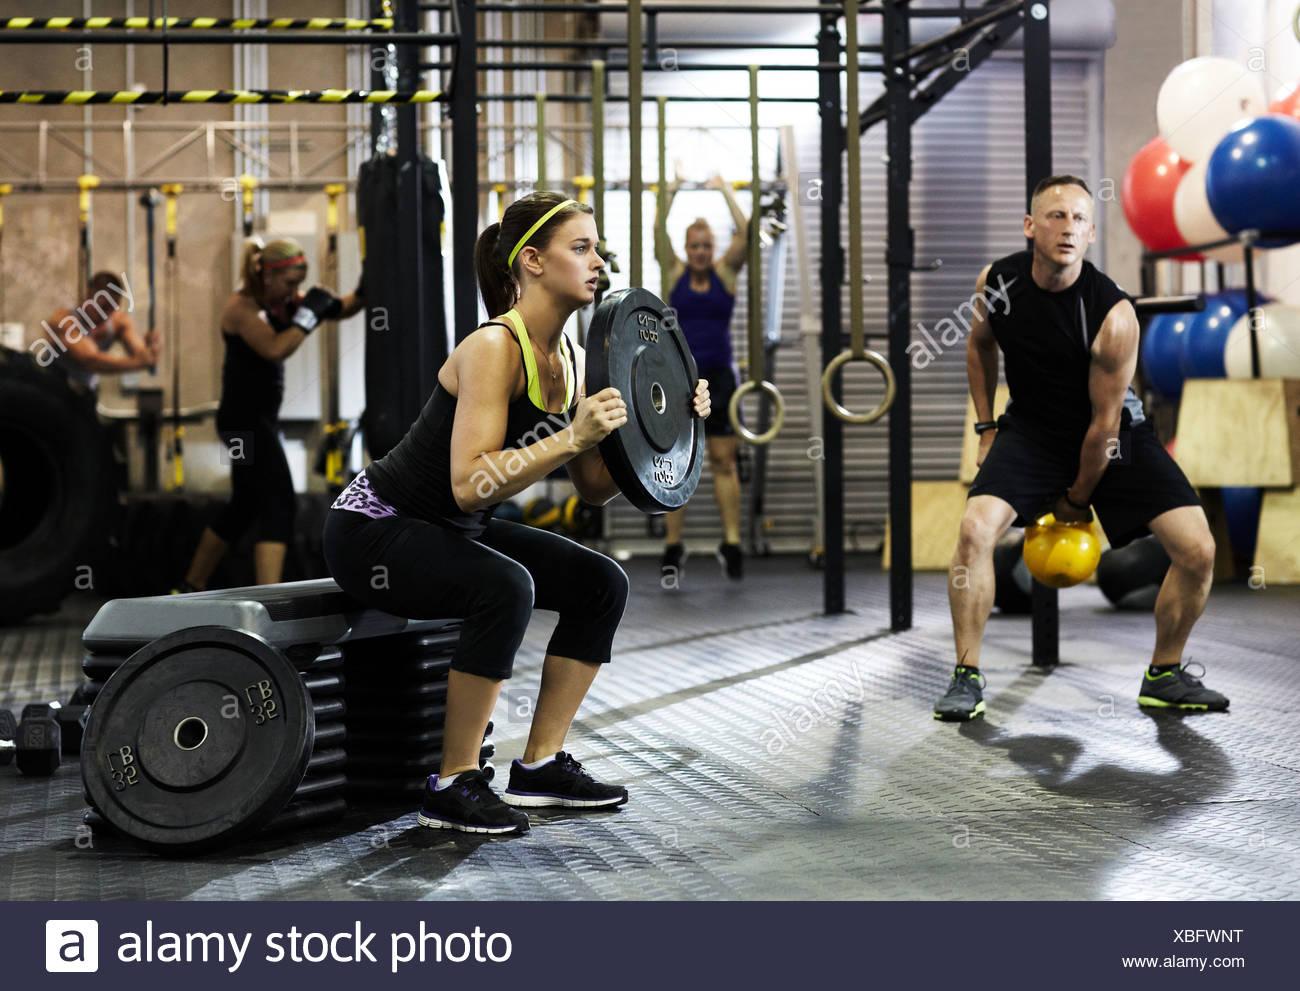 Les personnes en formation de circuit de sport Photo Stock